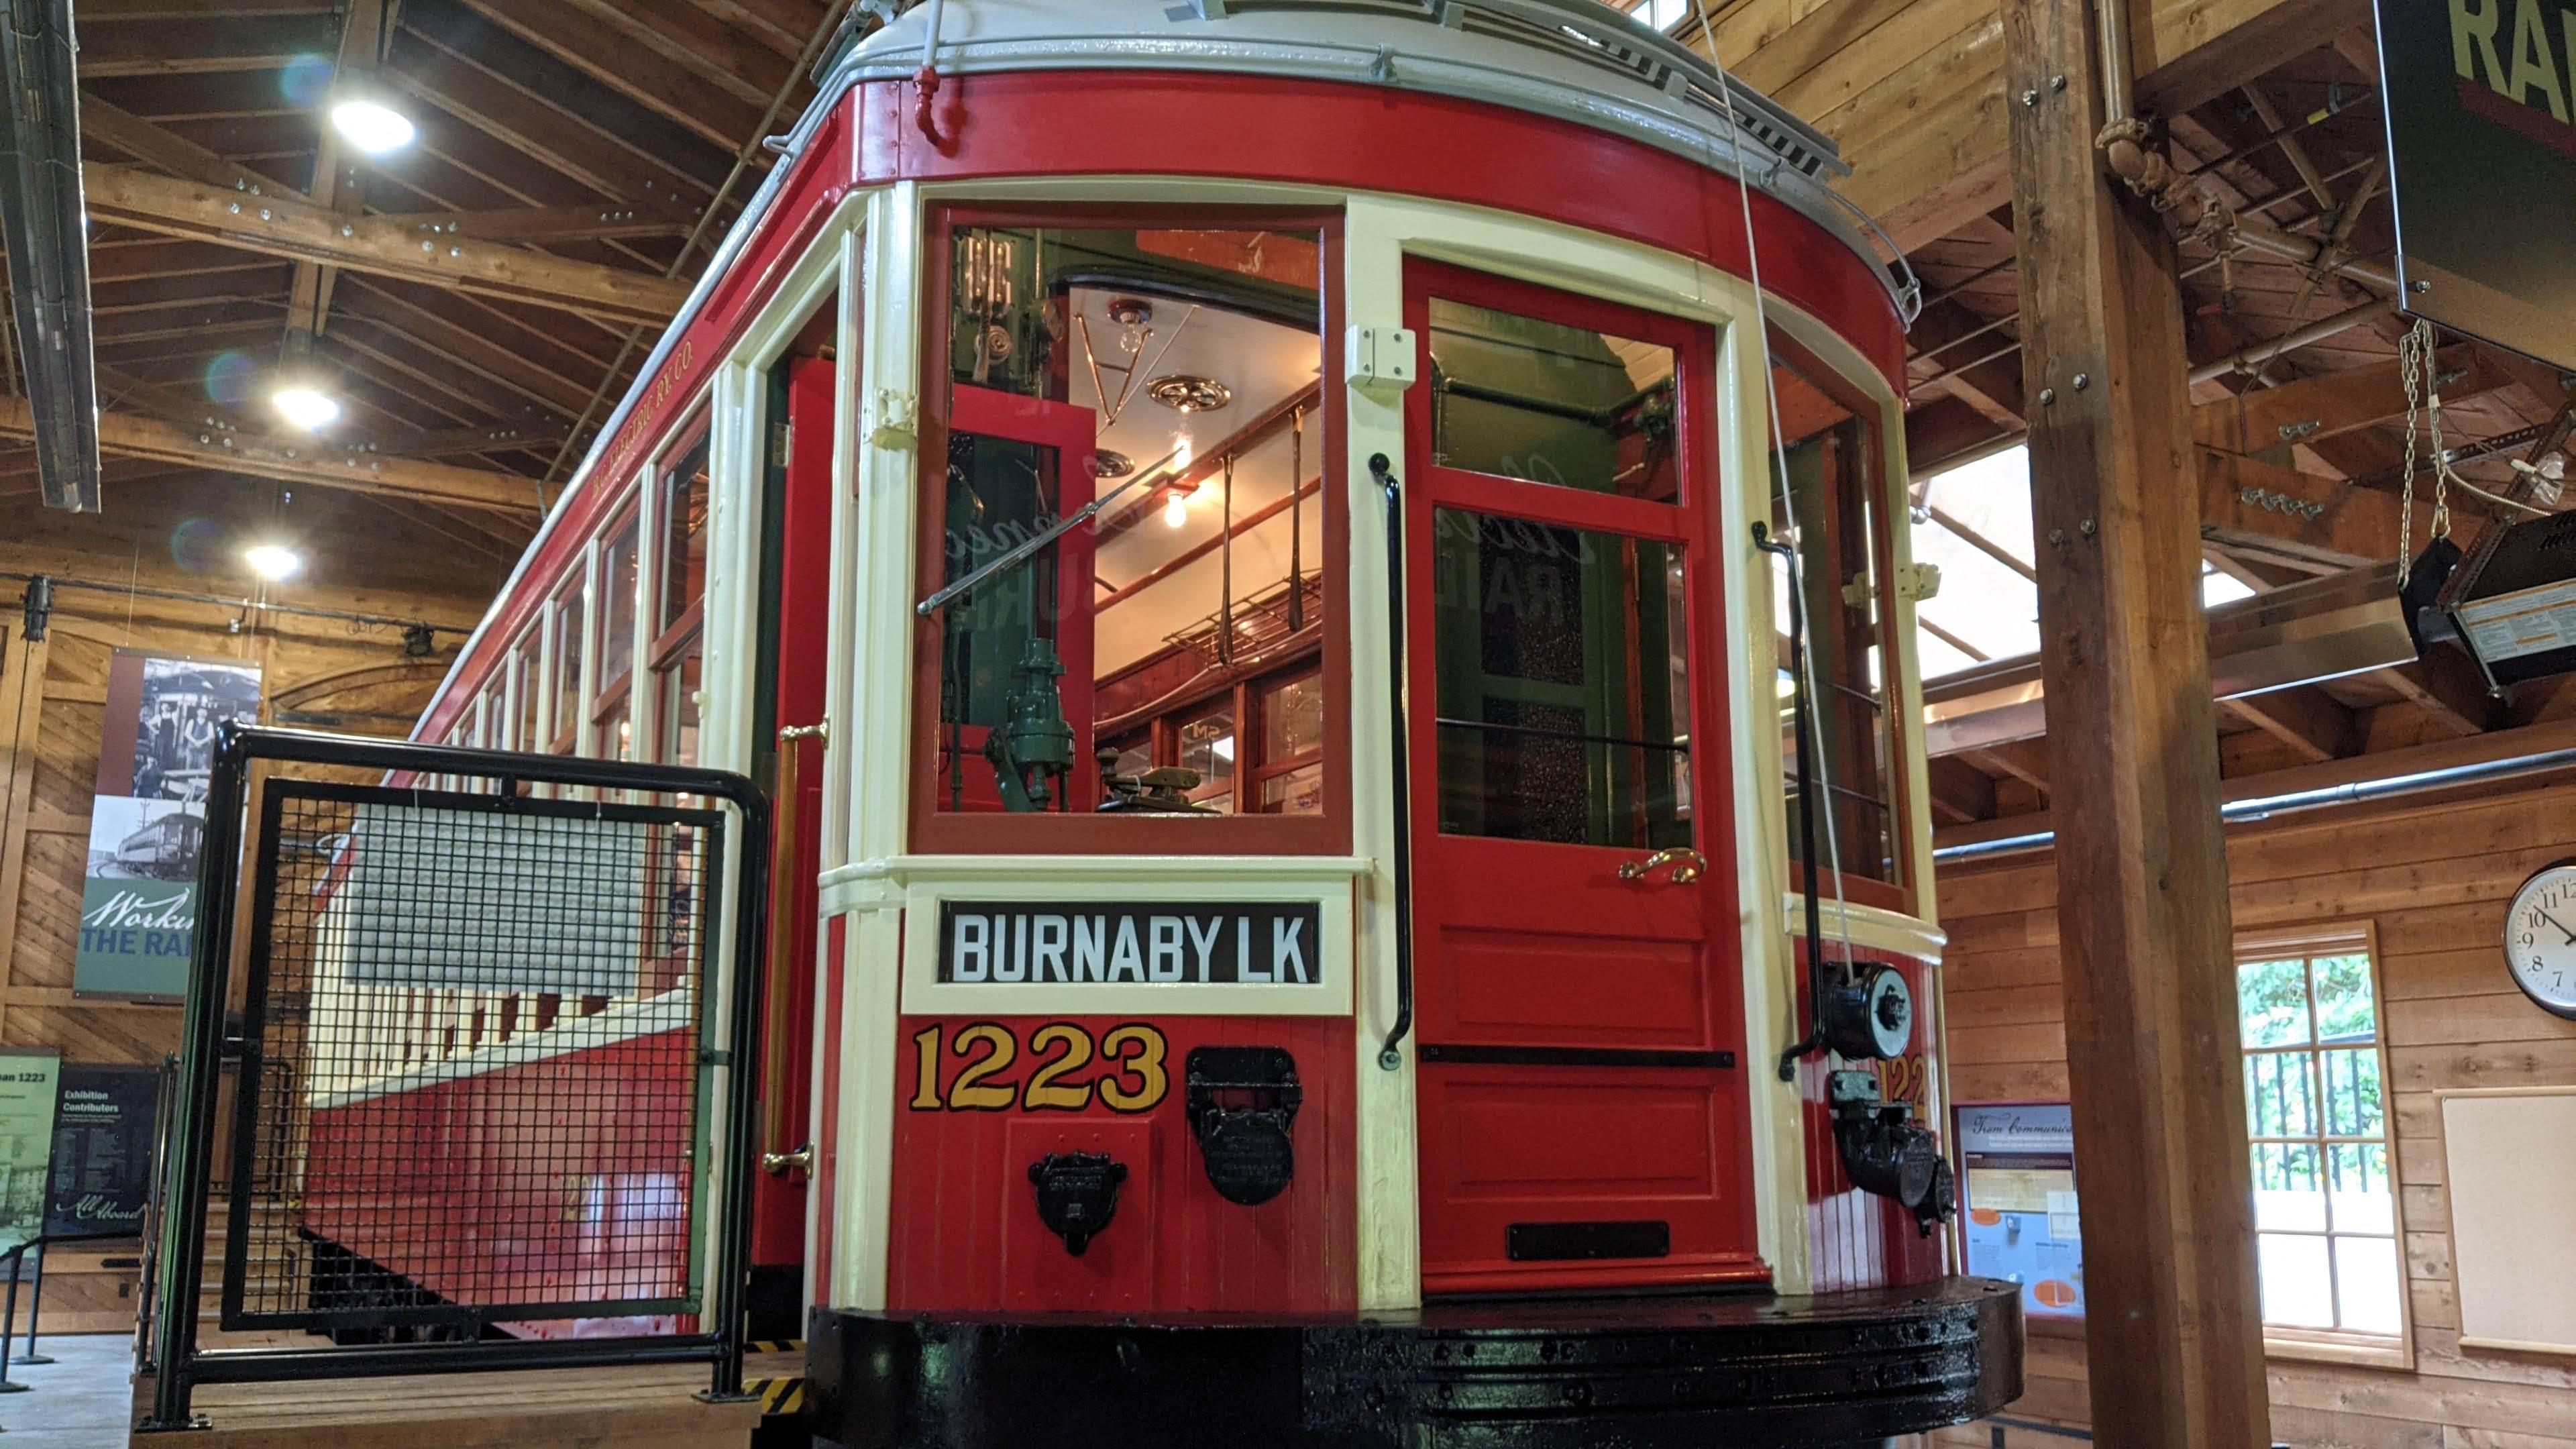 Burnaby Tram